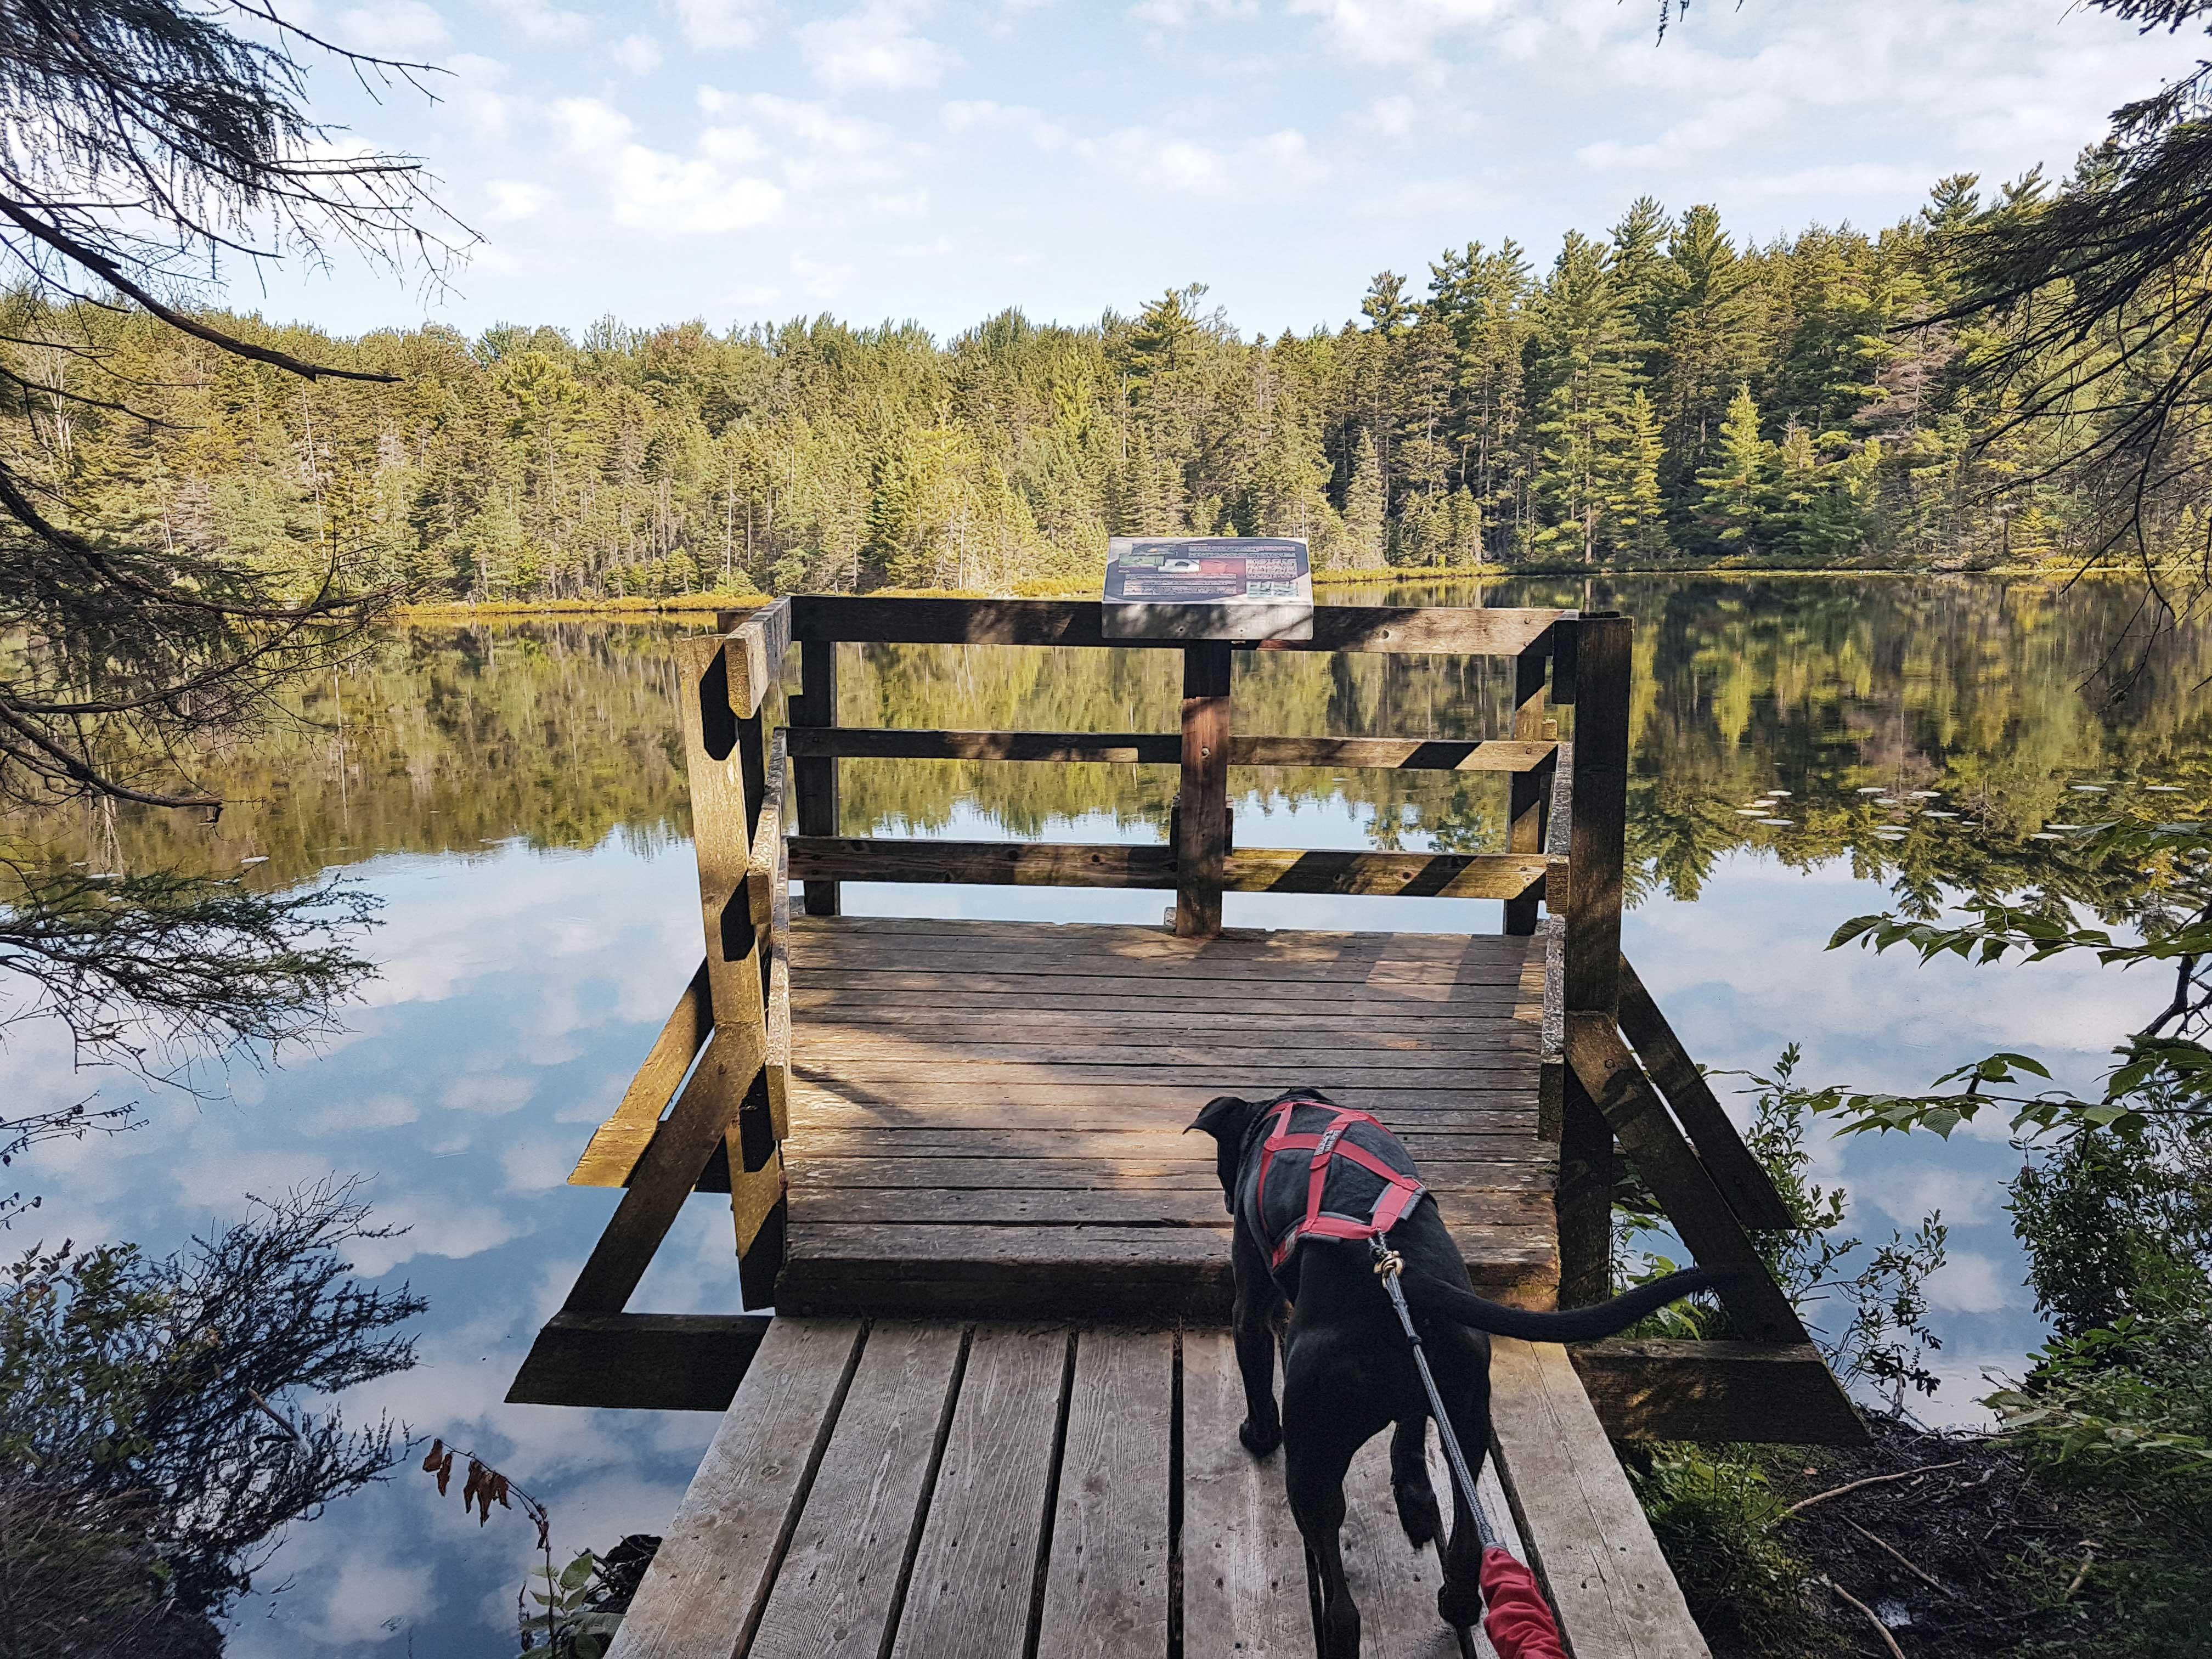 Enzo marche sur une plateforme de bois qui se trouve sur un étang. L'étang est entouré d'arbres. Enzo porte son harnais de canicross rouge.